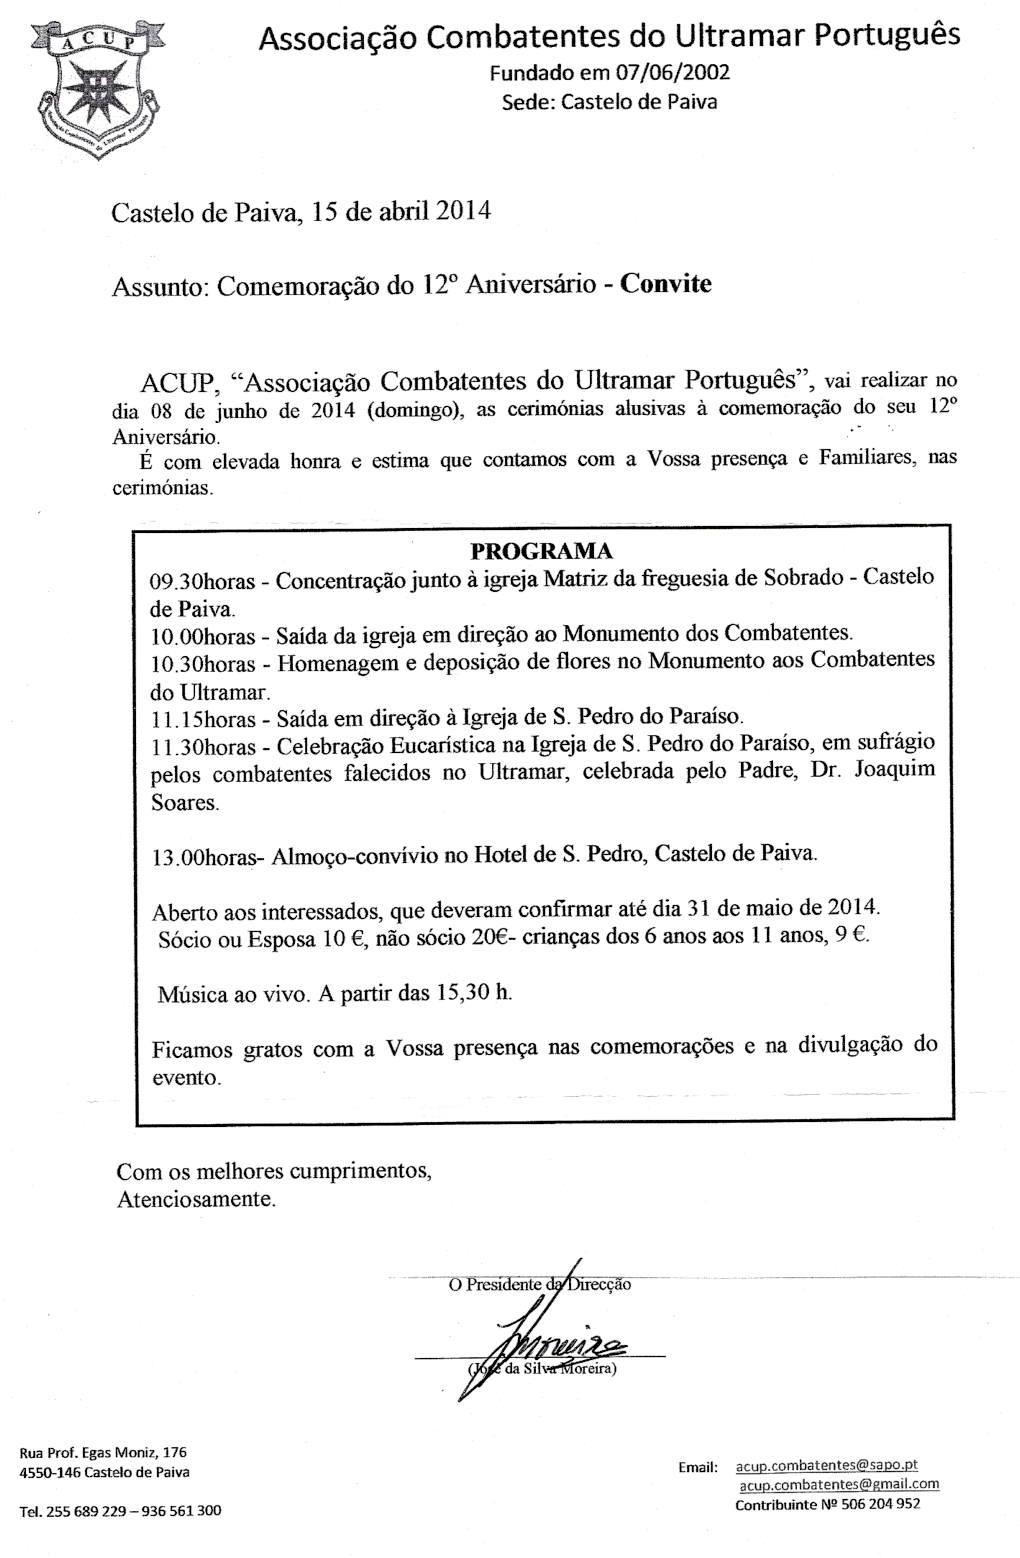 Notícias da ACUP - Associação de Combatentes do Ultramar Português 04_pro10